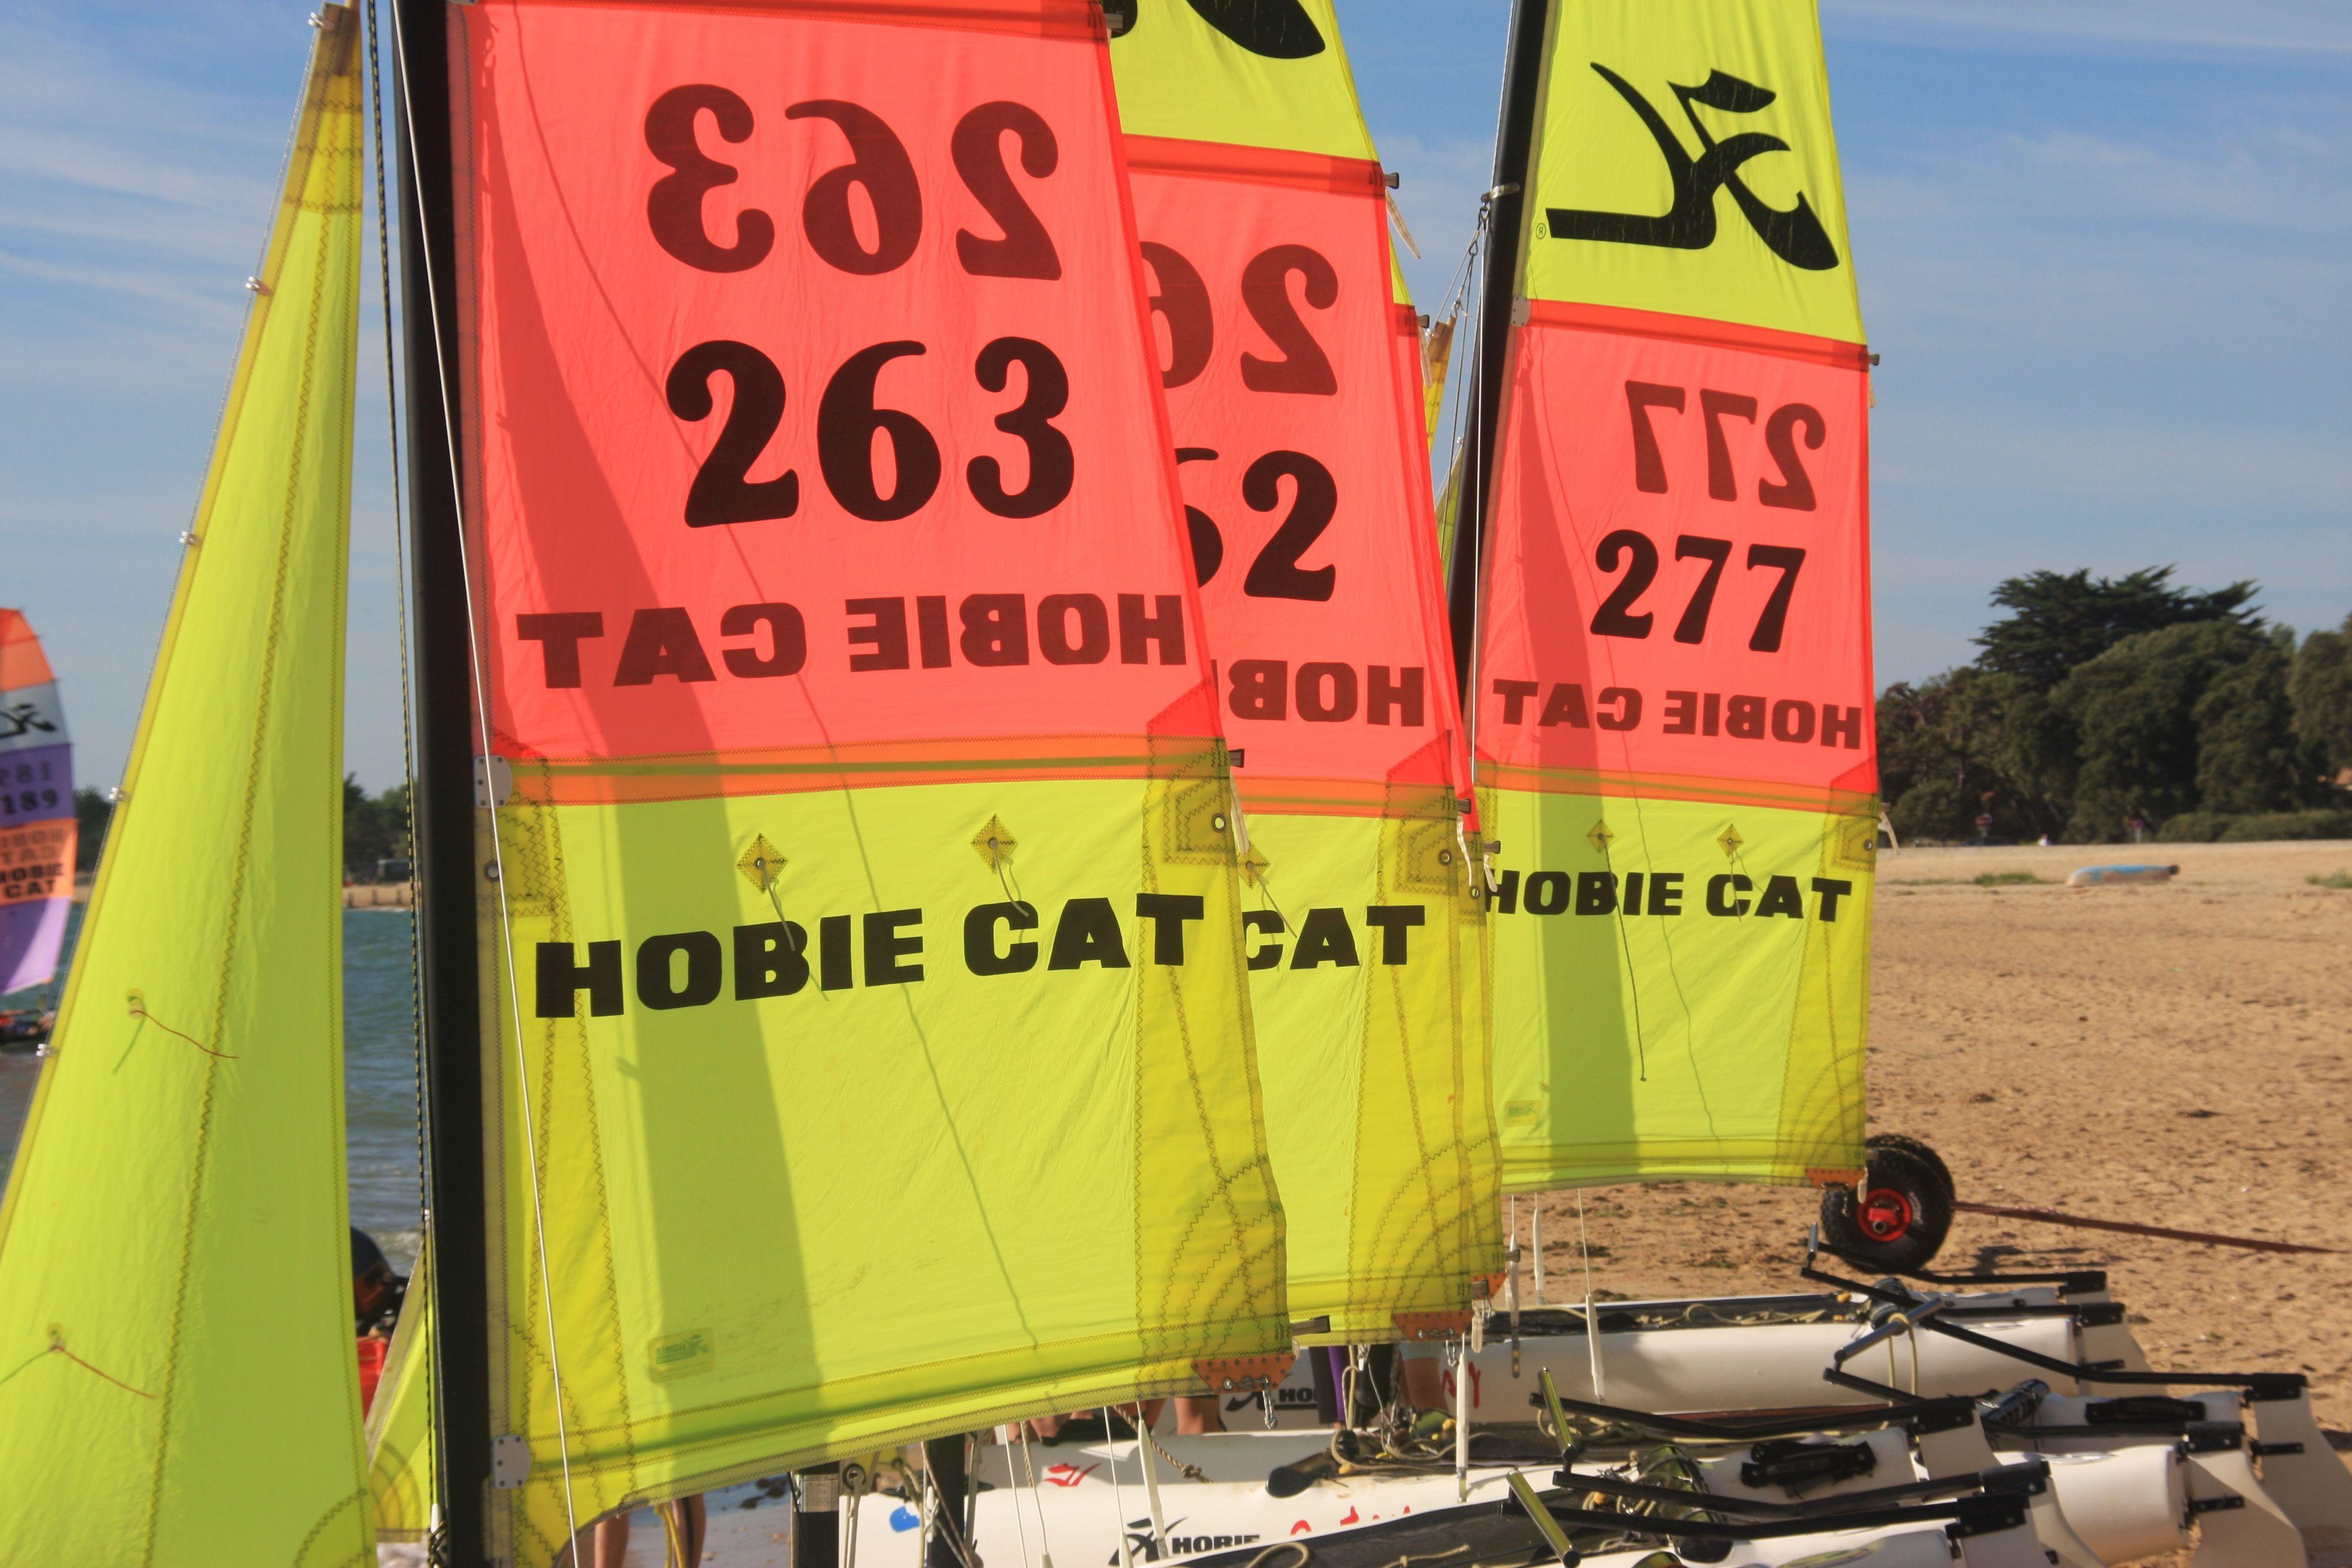 Hobie Cat Ecole De Voile Fort St Pierre Noirmoutier Ile De Noirmoutier Noirmoutier Ecole De Voile